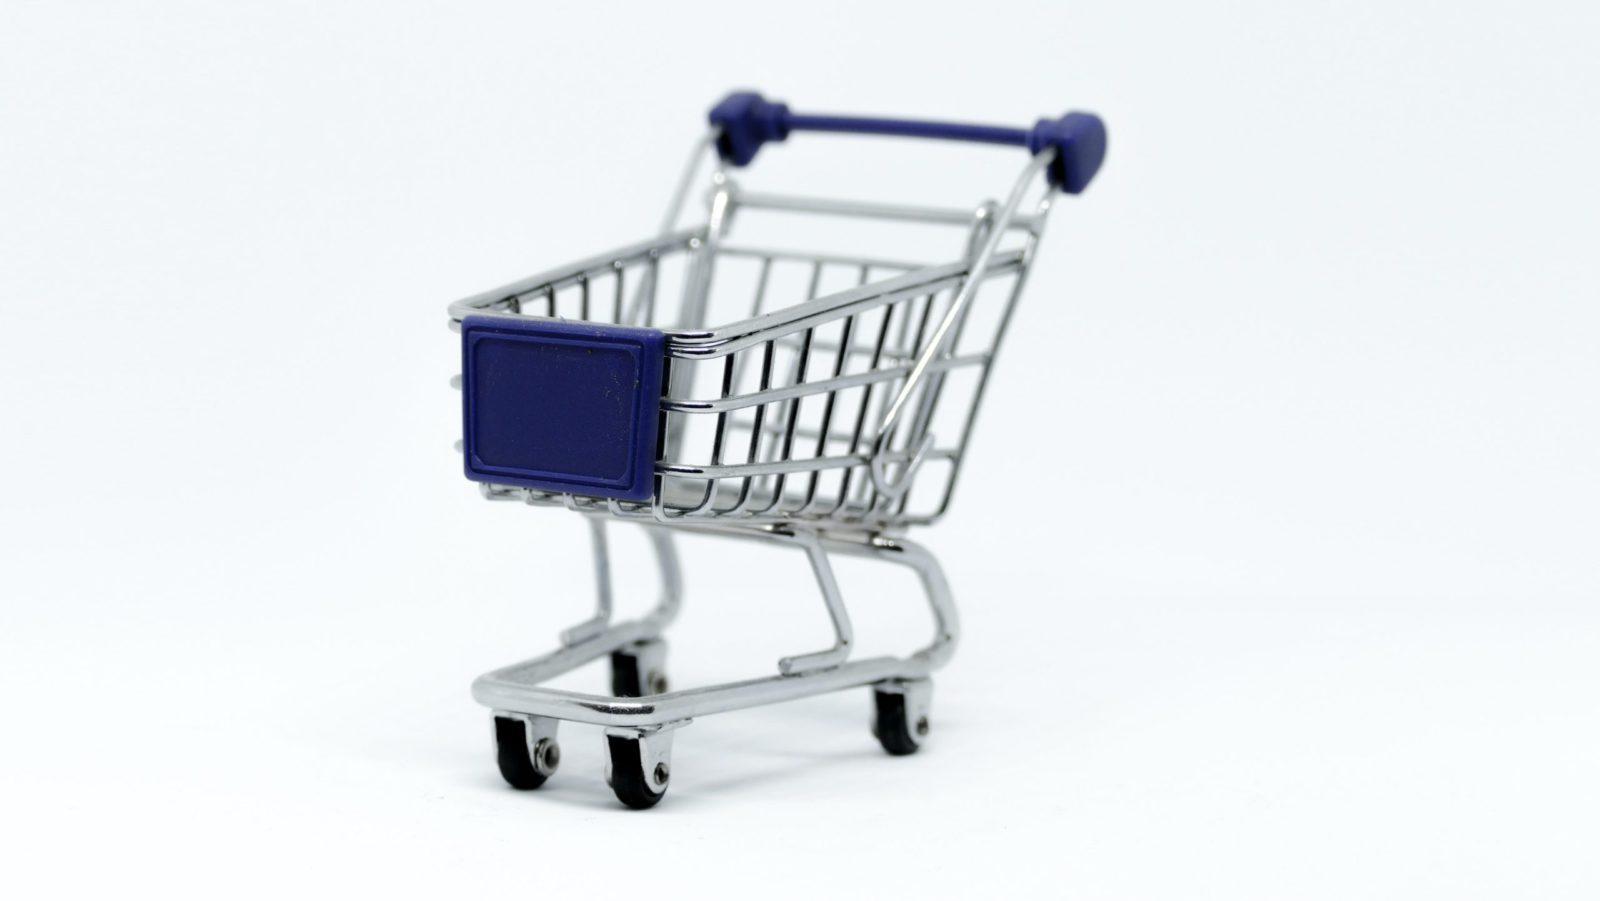 Vendas nos marketplaces já são 78% do faturamento do e-commerce! A Loja virtual morreu?